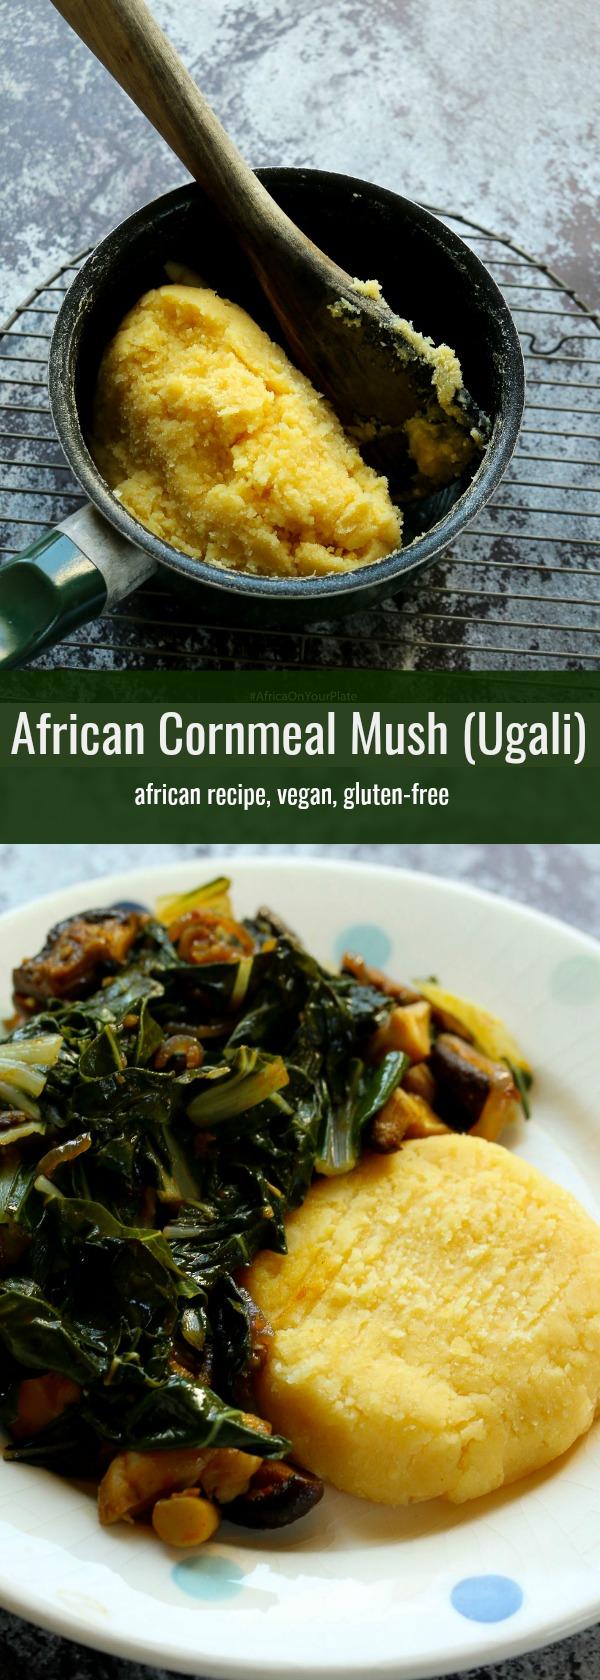 african cornmeal mush (ugali)